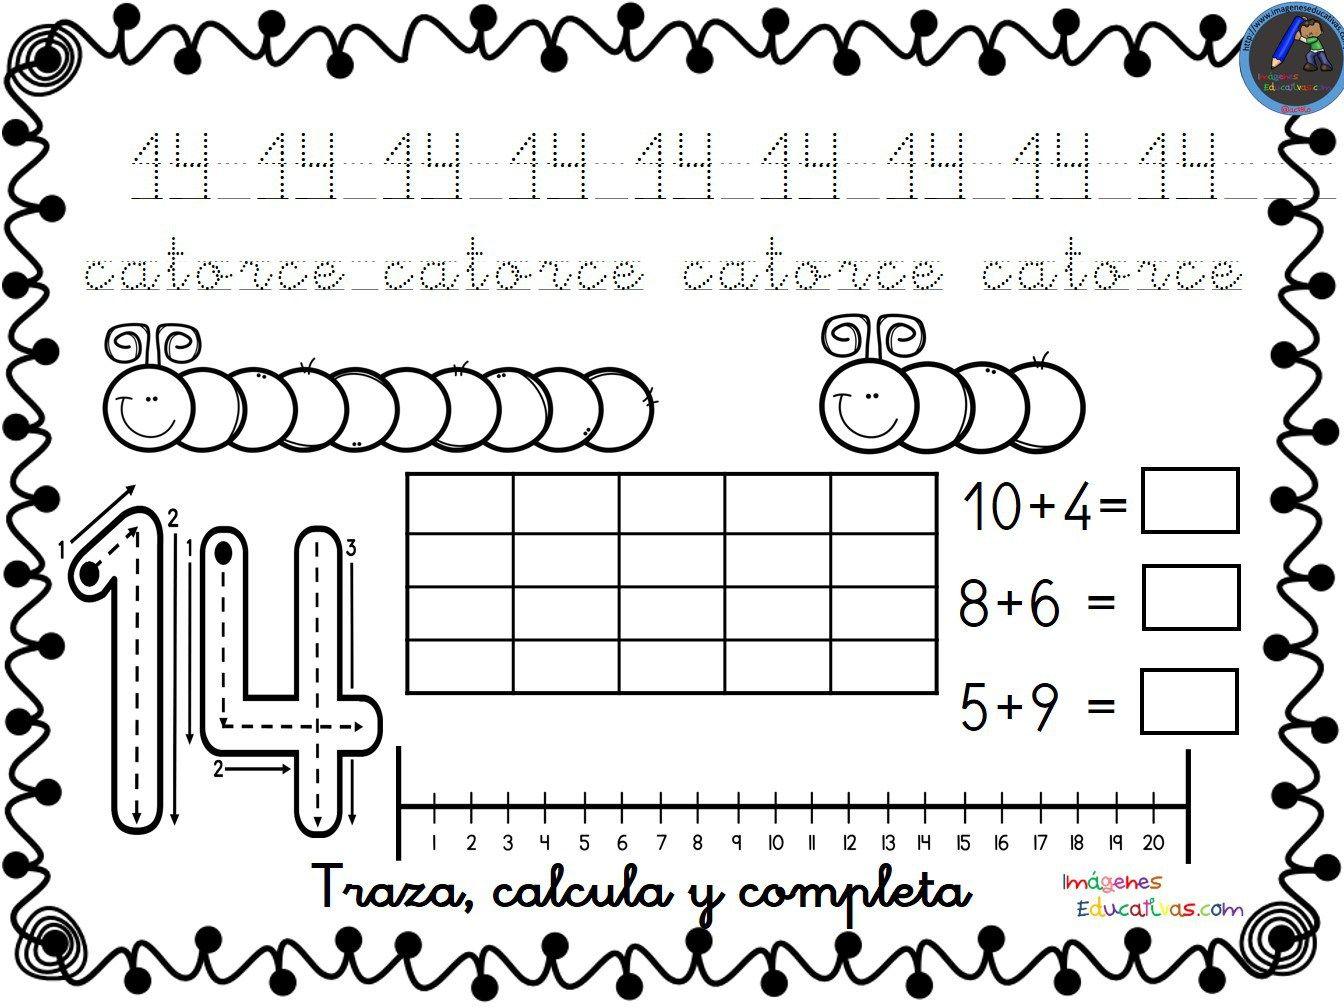 Imagenes Educativas Para Descargar: Fichas Para Trabajar Los Números Del 1 Al 30 Para